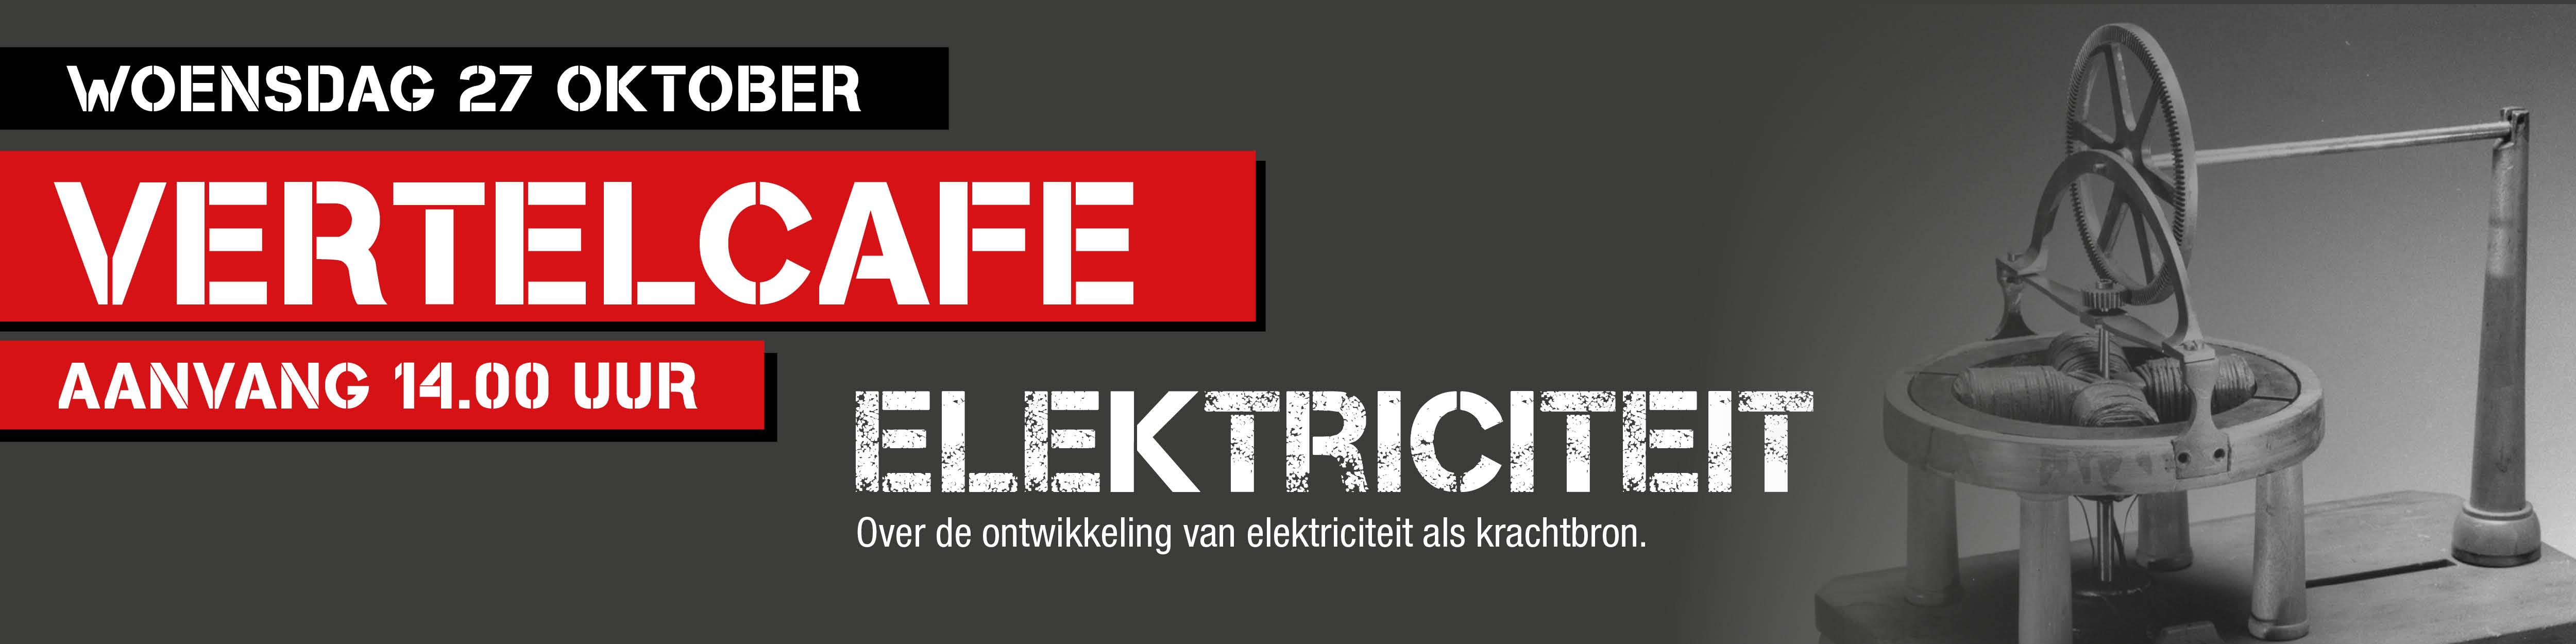 Vertelcafé Elektriciteit